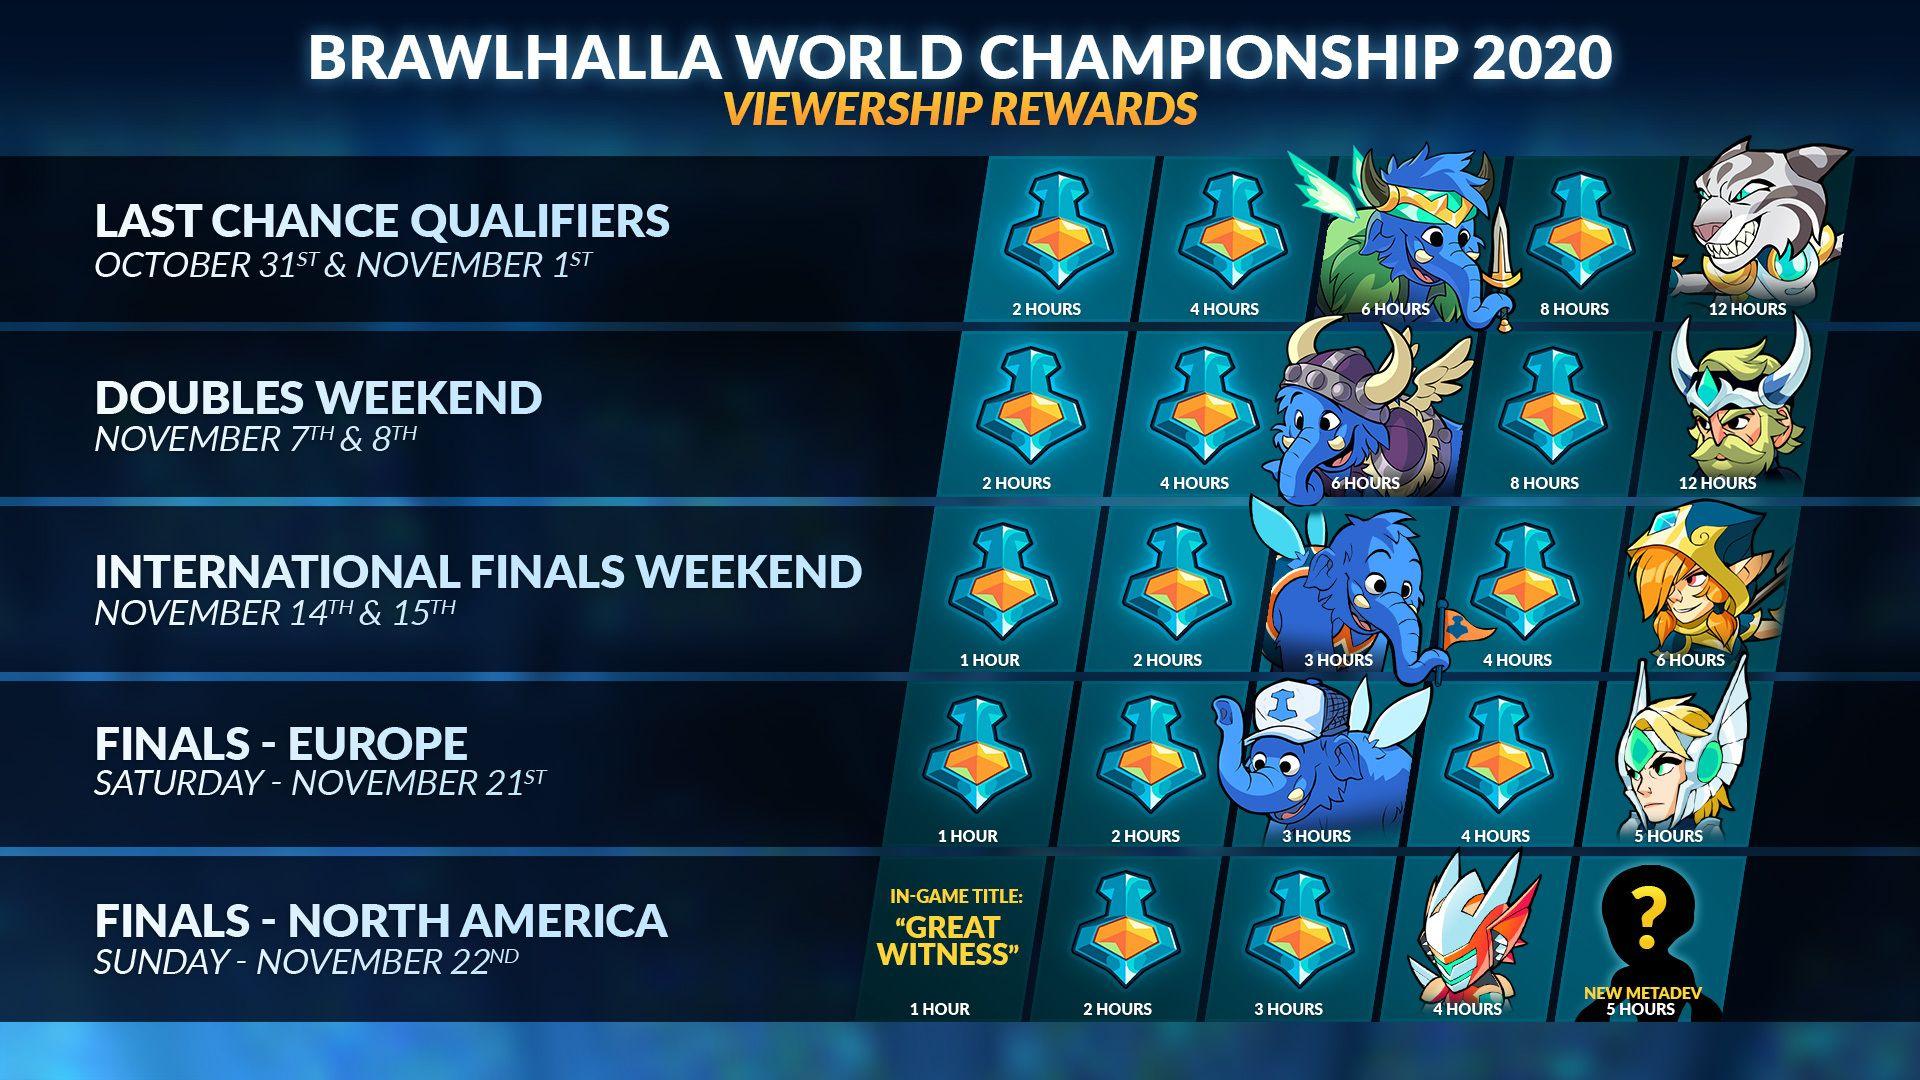 Colores exclusivos y skins limitadas GRATIS Brawlhalla por ver el campeonato mundial en Twitch.